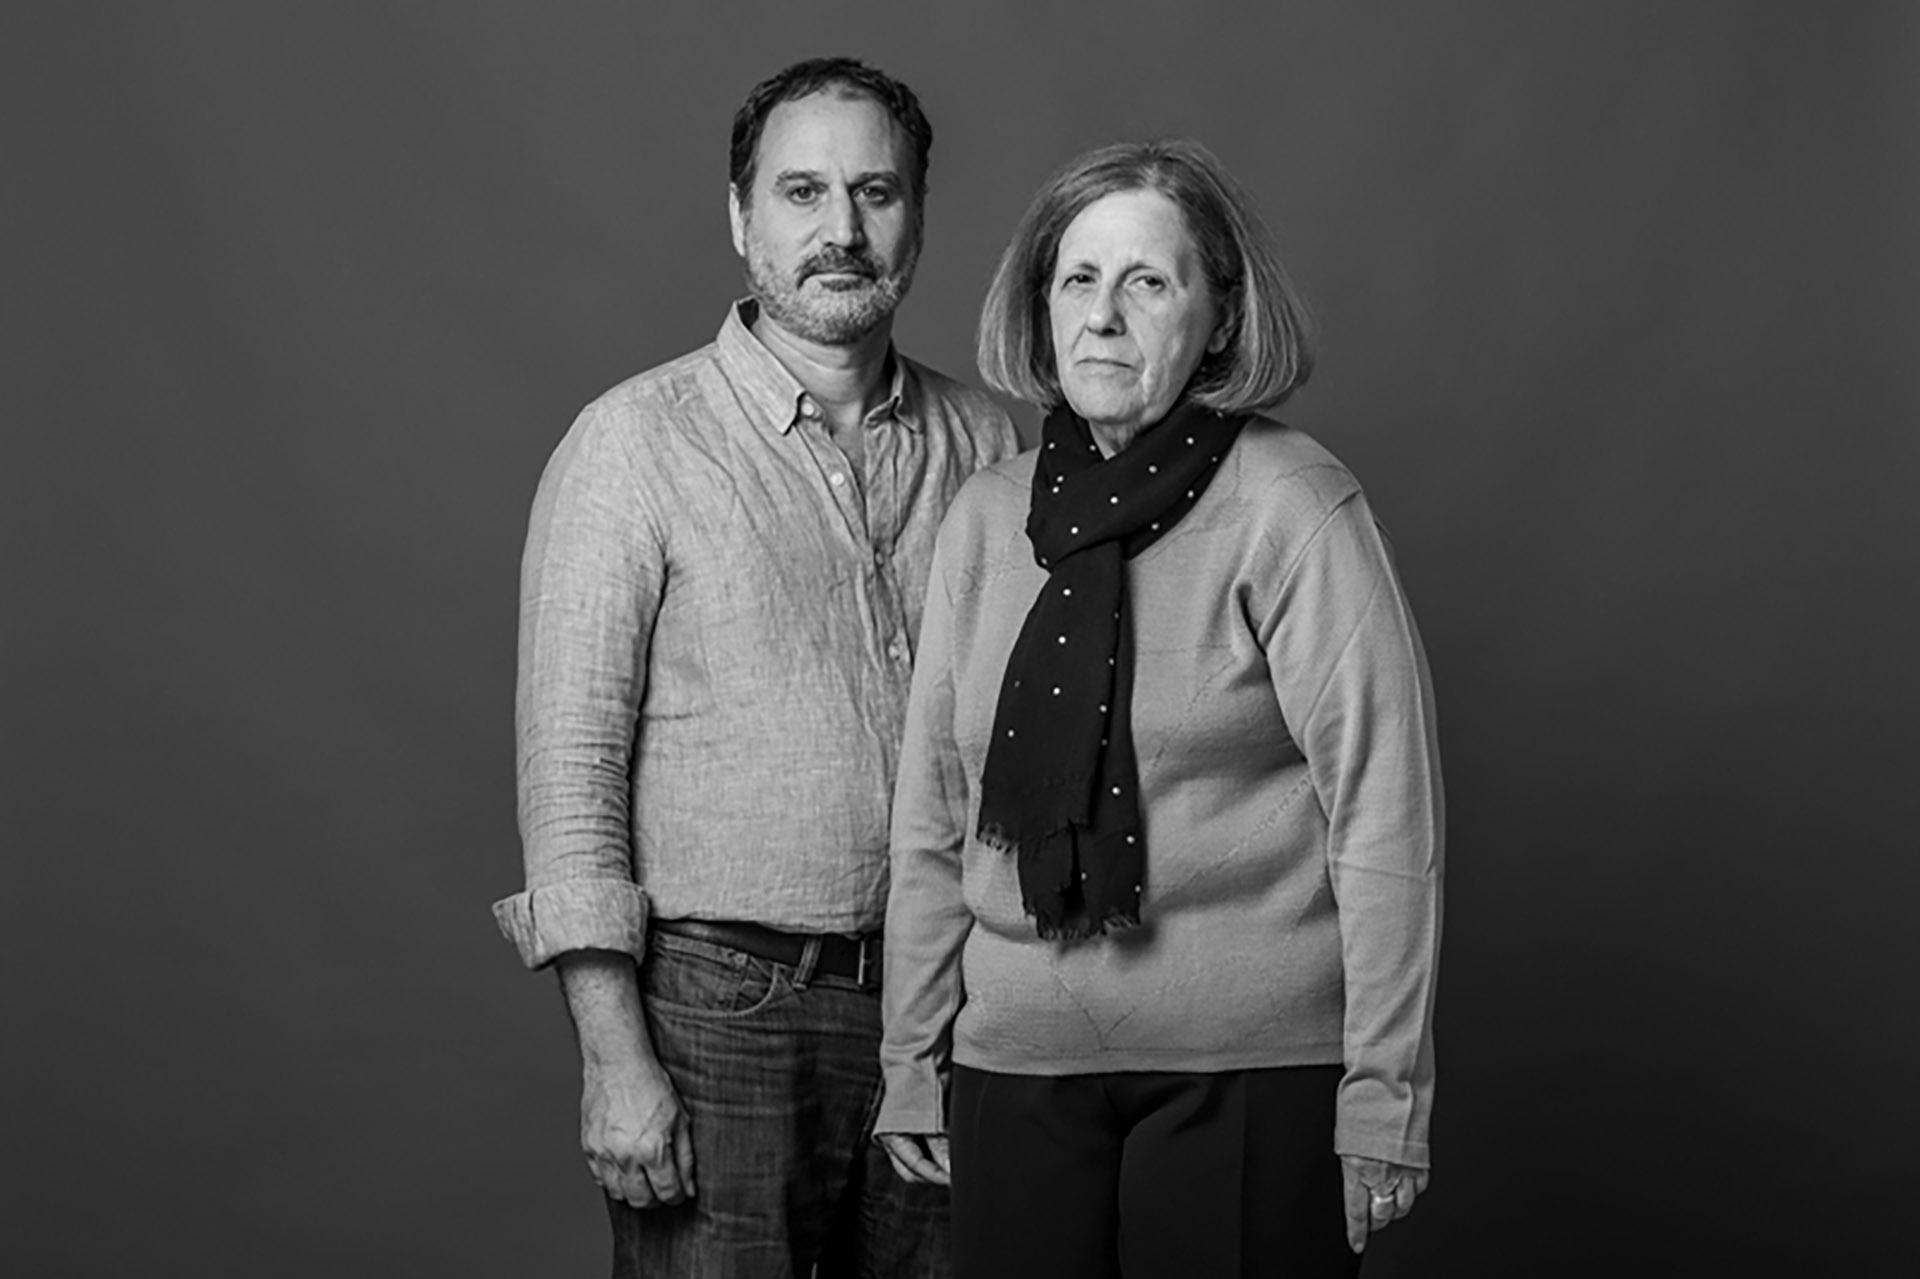 Dora Band y Adrián Furman. Ambos trabajaban en la AMIA cuando ocurrió el atentado. Ambos perdieron a dos seres muy queridos: Dora a Naum, su esposo, que estaba en la parte de vigilancia; y Adrián a Fabián, su hermano, que trabajaba en el departamento de sepelios